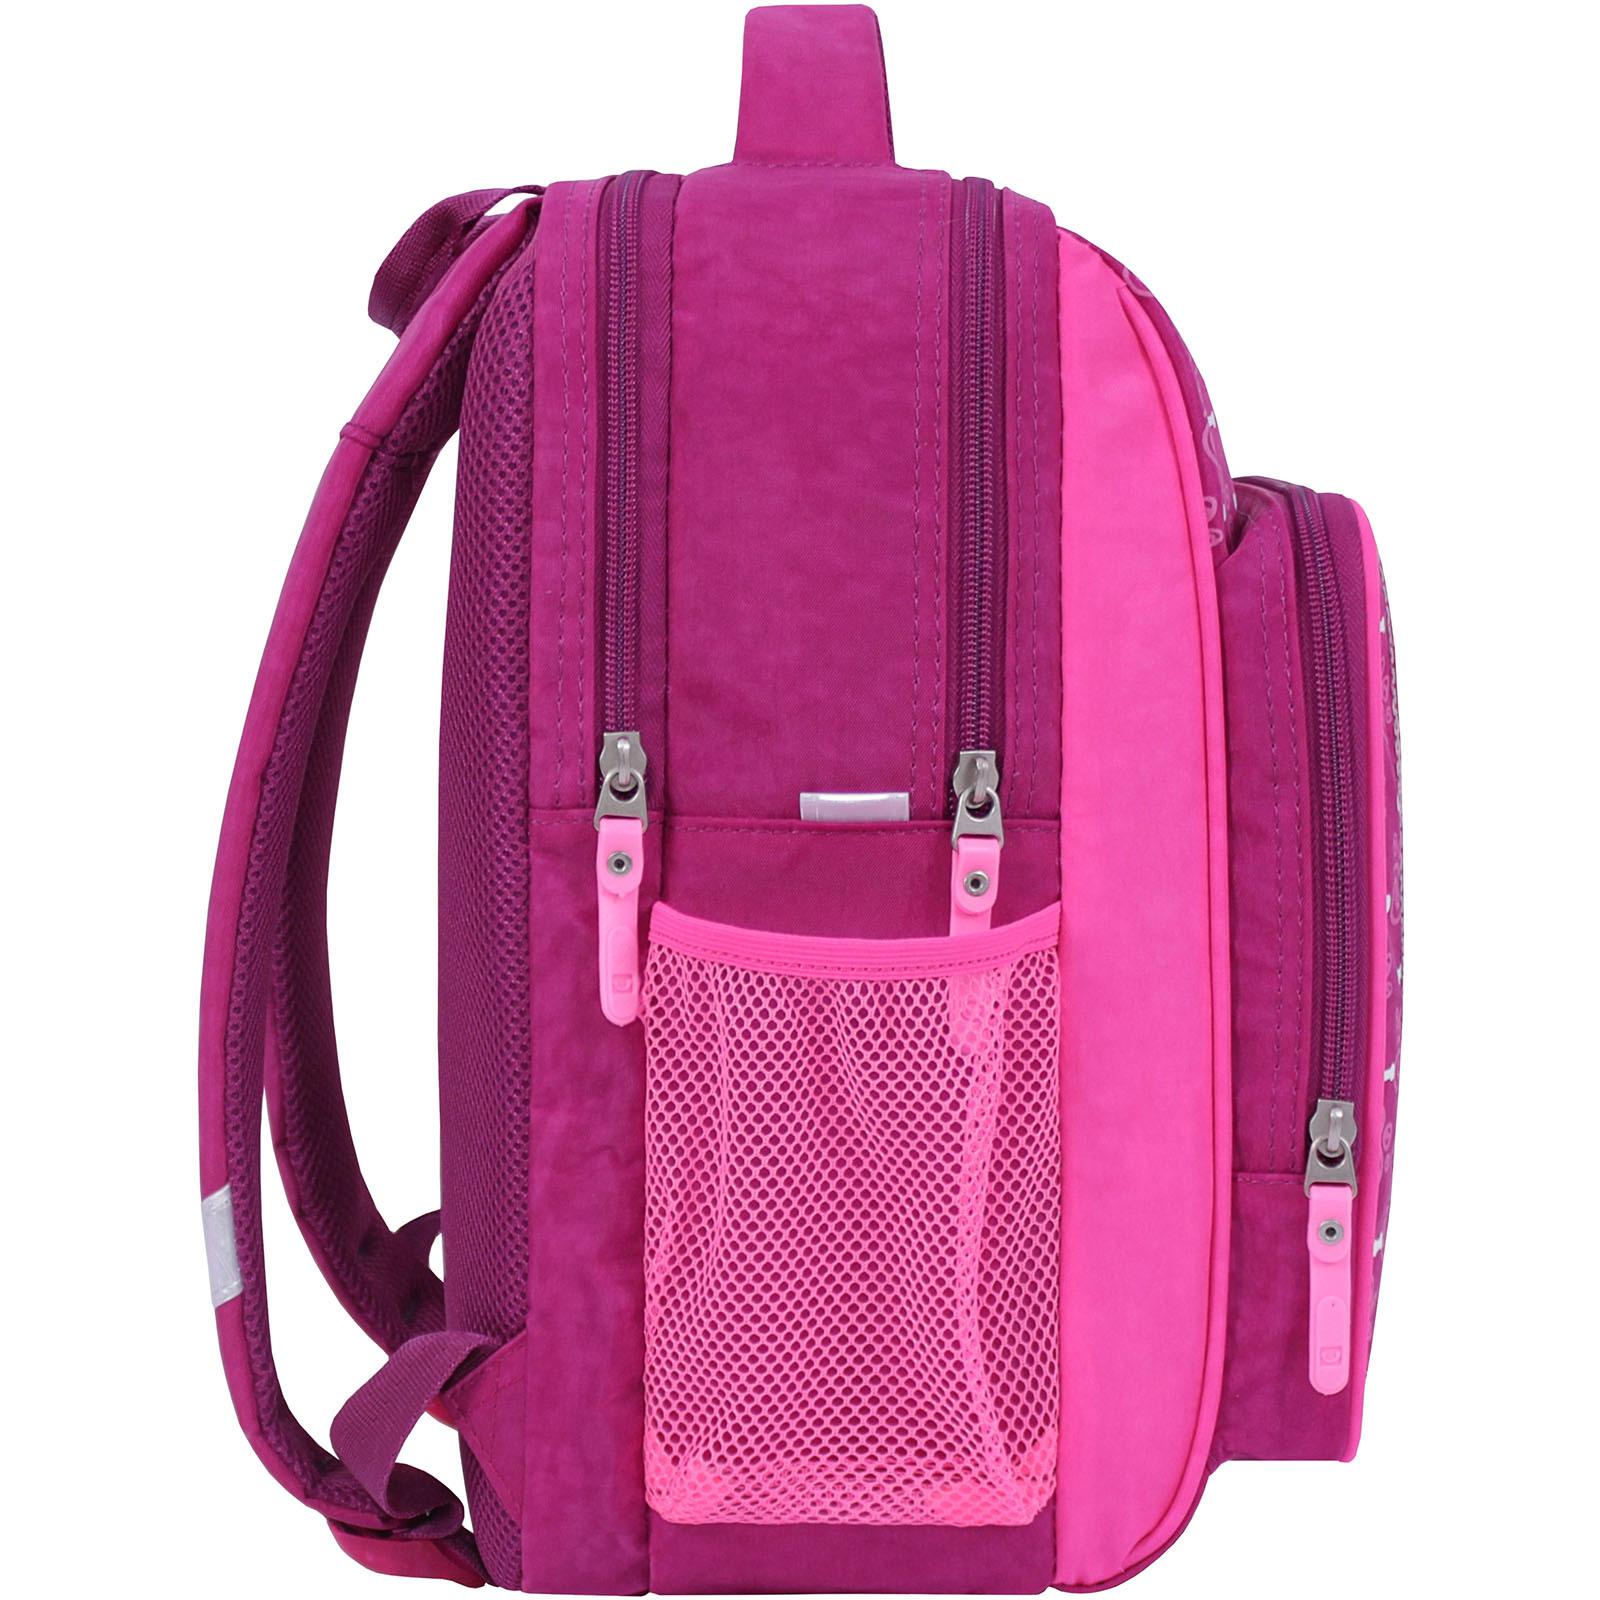 Рюкзак школьный Bagland Школьник 8 л. 143 малиновый 515 (0012870) фото 2